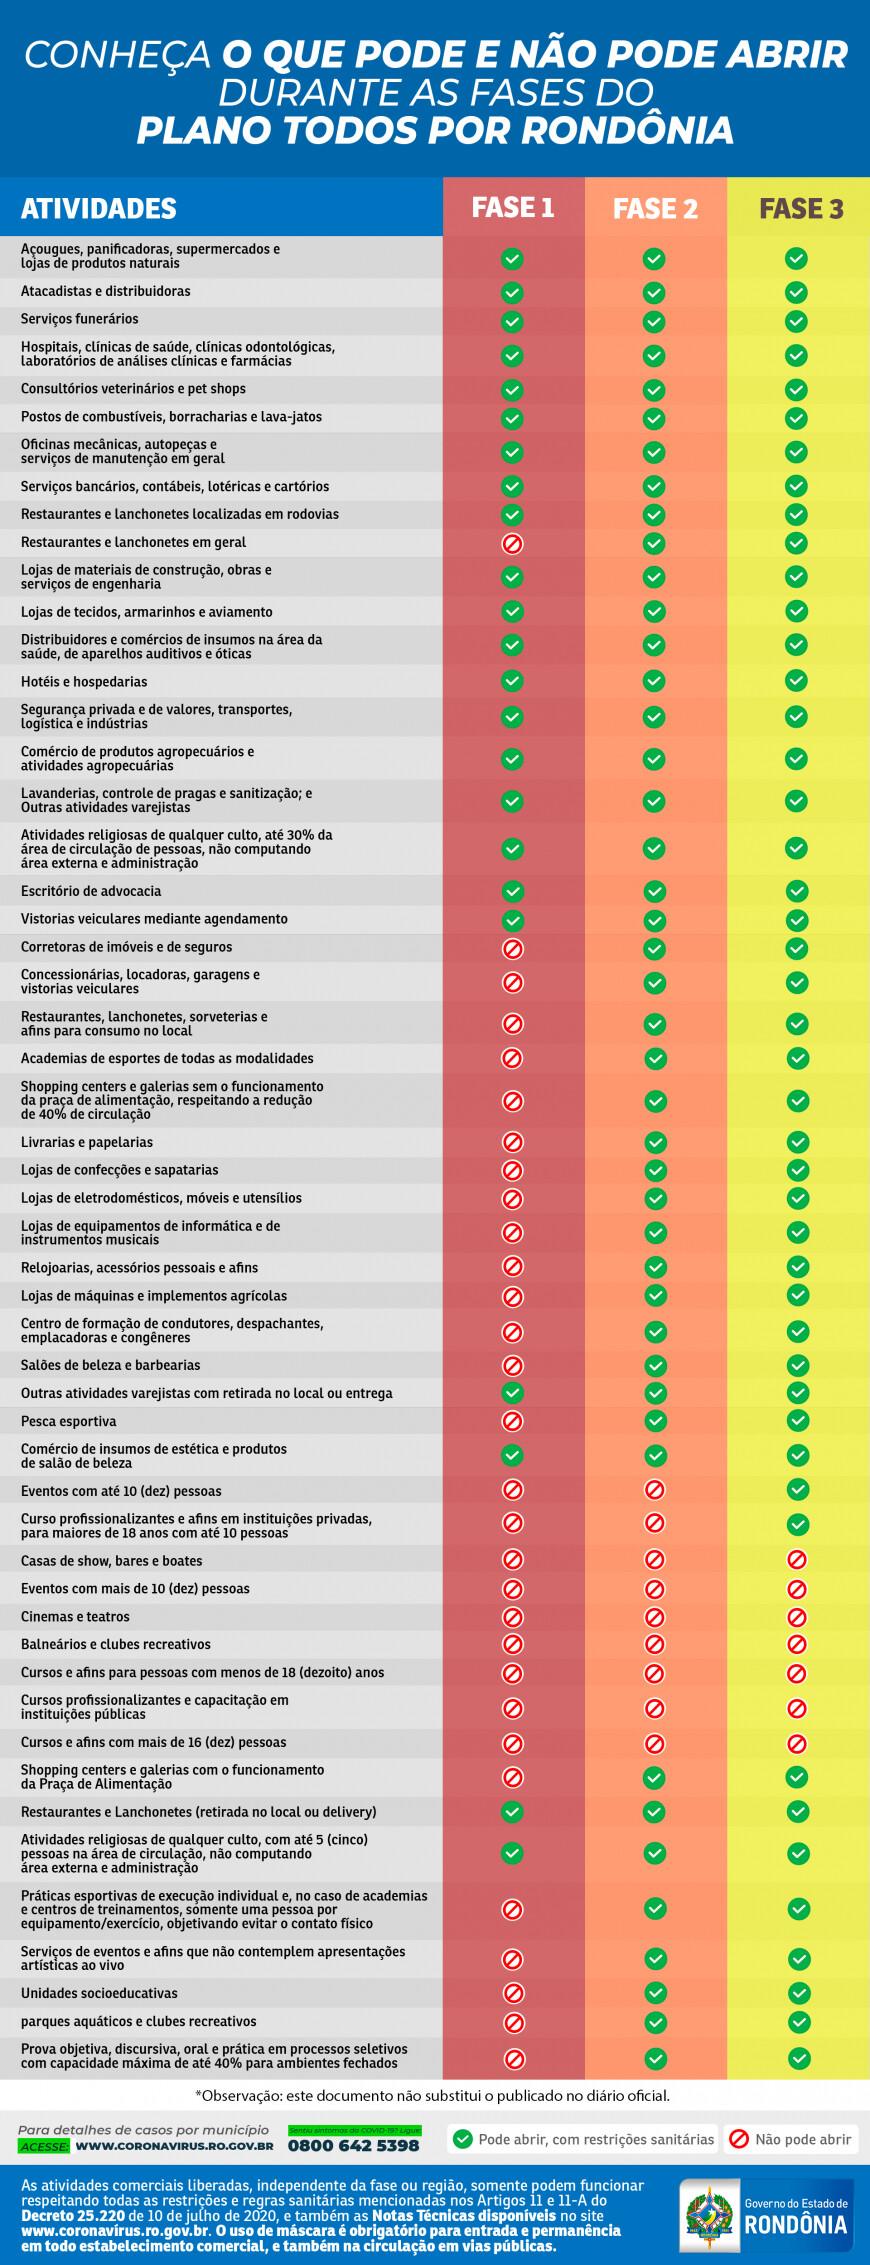 Publicada portaria com nova reclassificação dos municípios: 49 municípios na fase 3